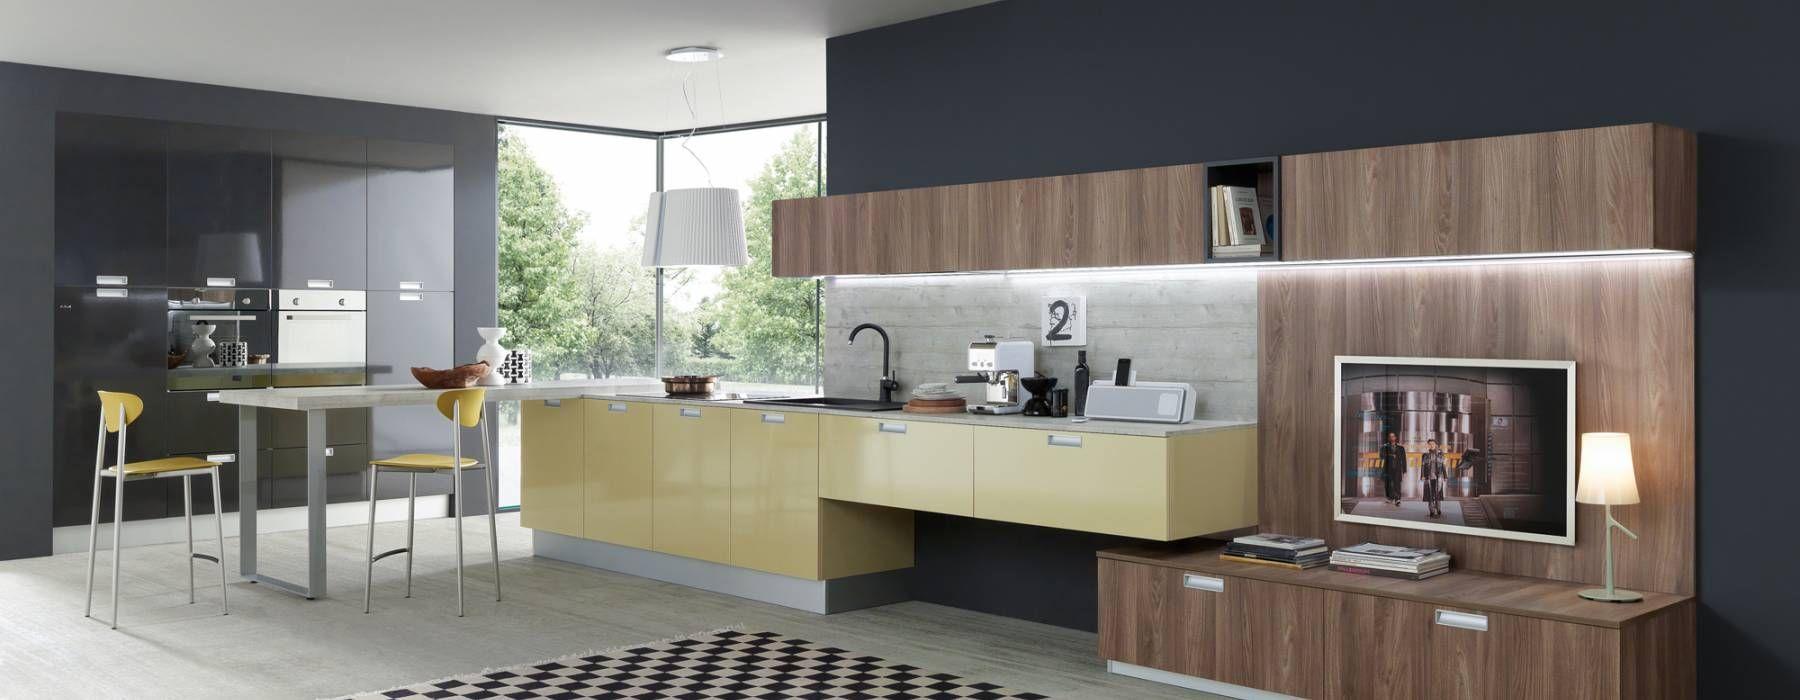 Vendita cucine Febal: acquista arredo cucine Innovazione ...